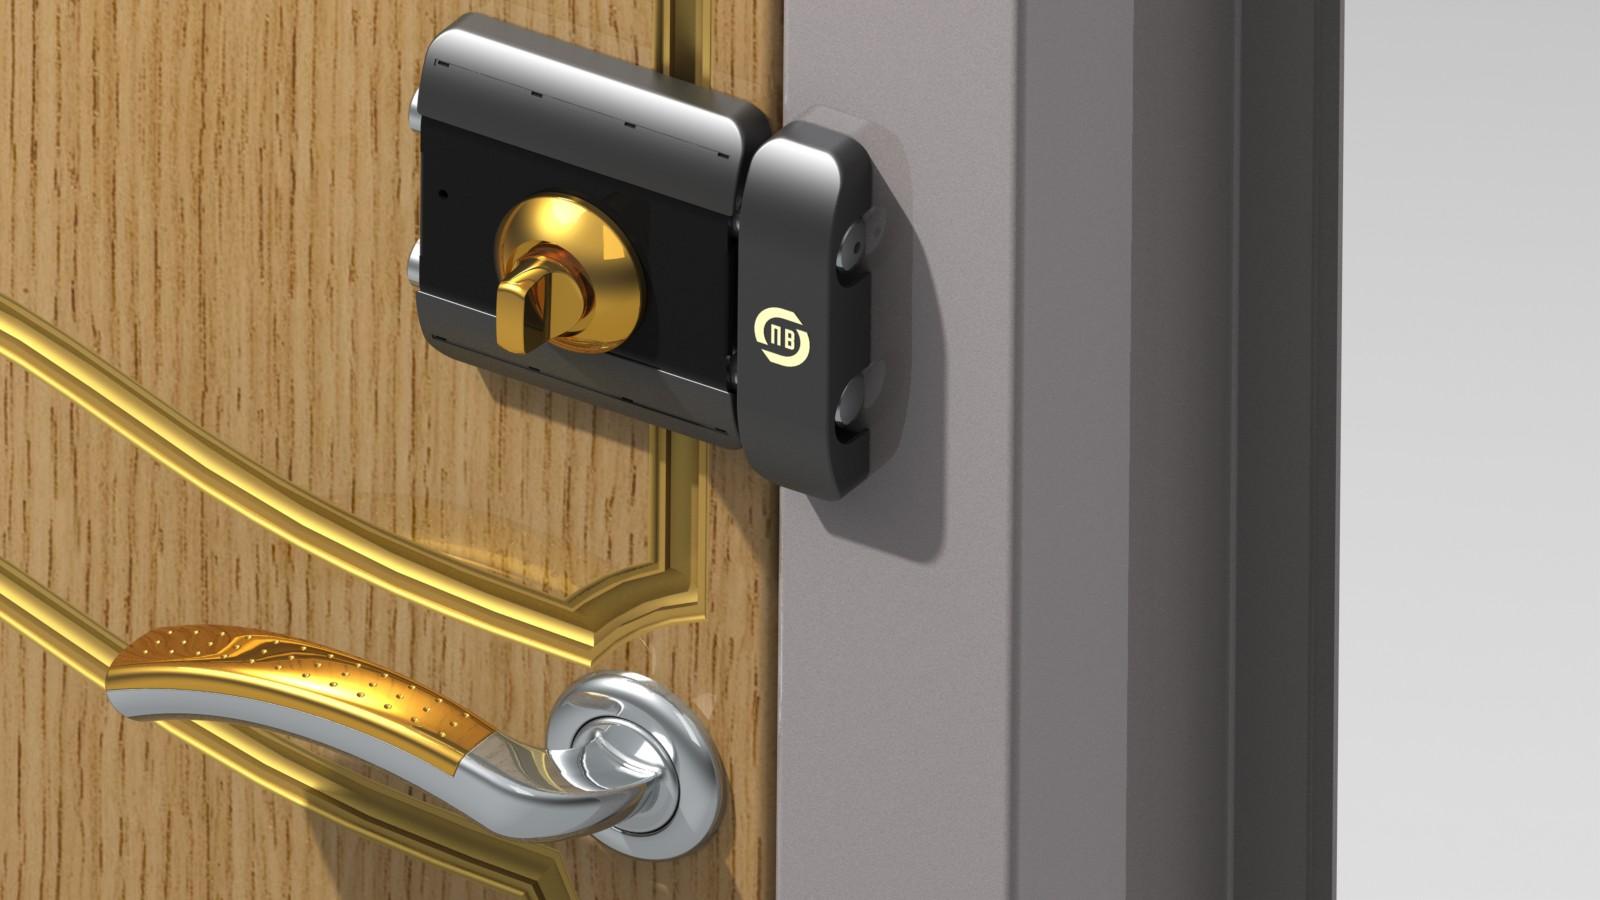 جهات مانحة هندسة من الذى زرفيل الباب من الداخل Dsvdedommel Com